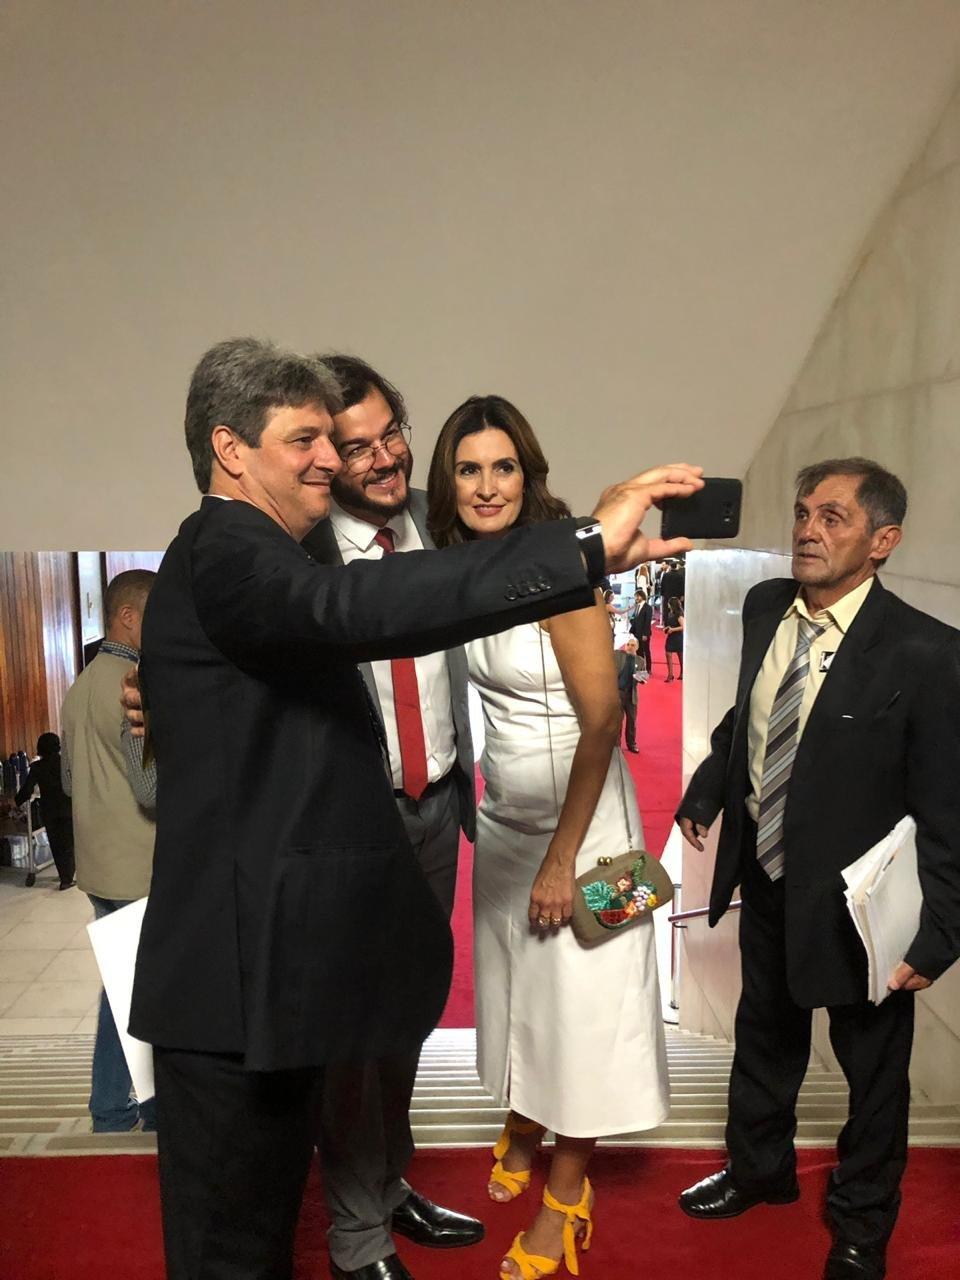 Badalada na Câmara, Fátima Bernardes vai à posse de Túlio Gadêlha e atrai